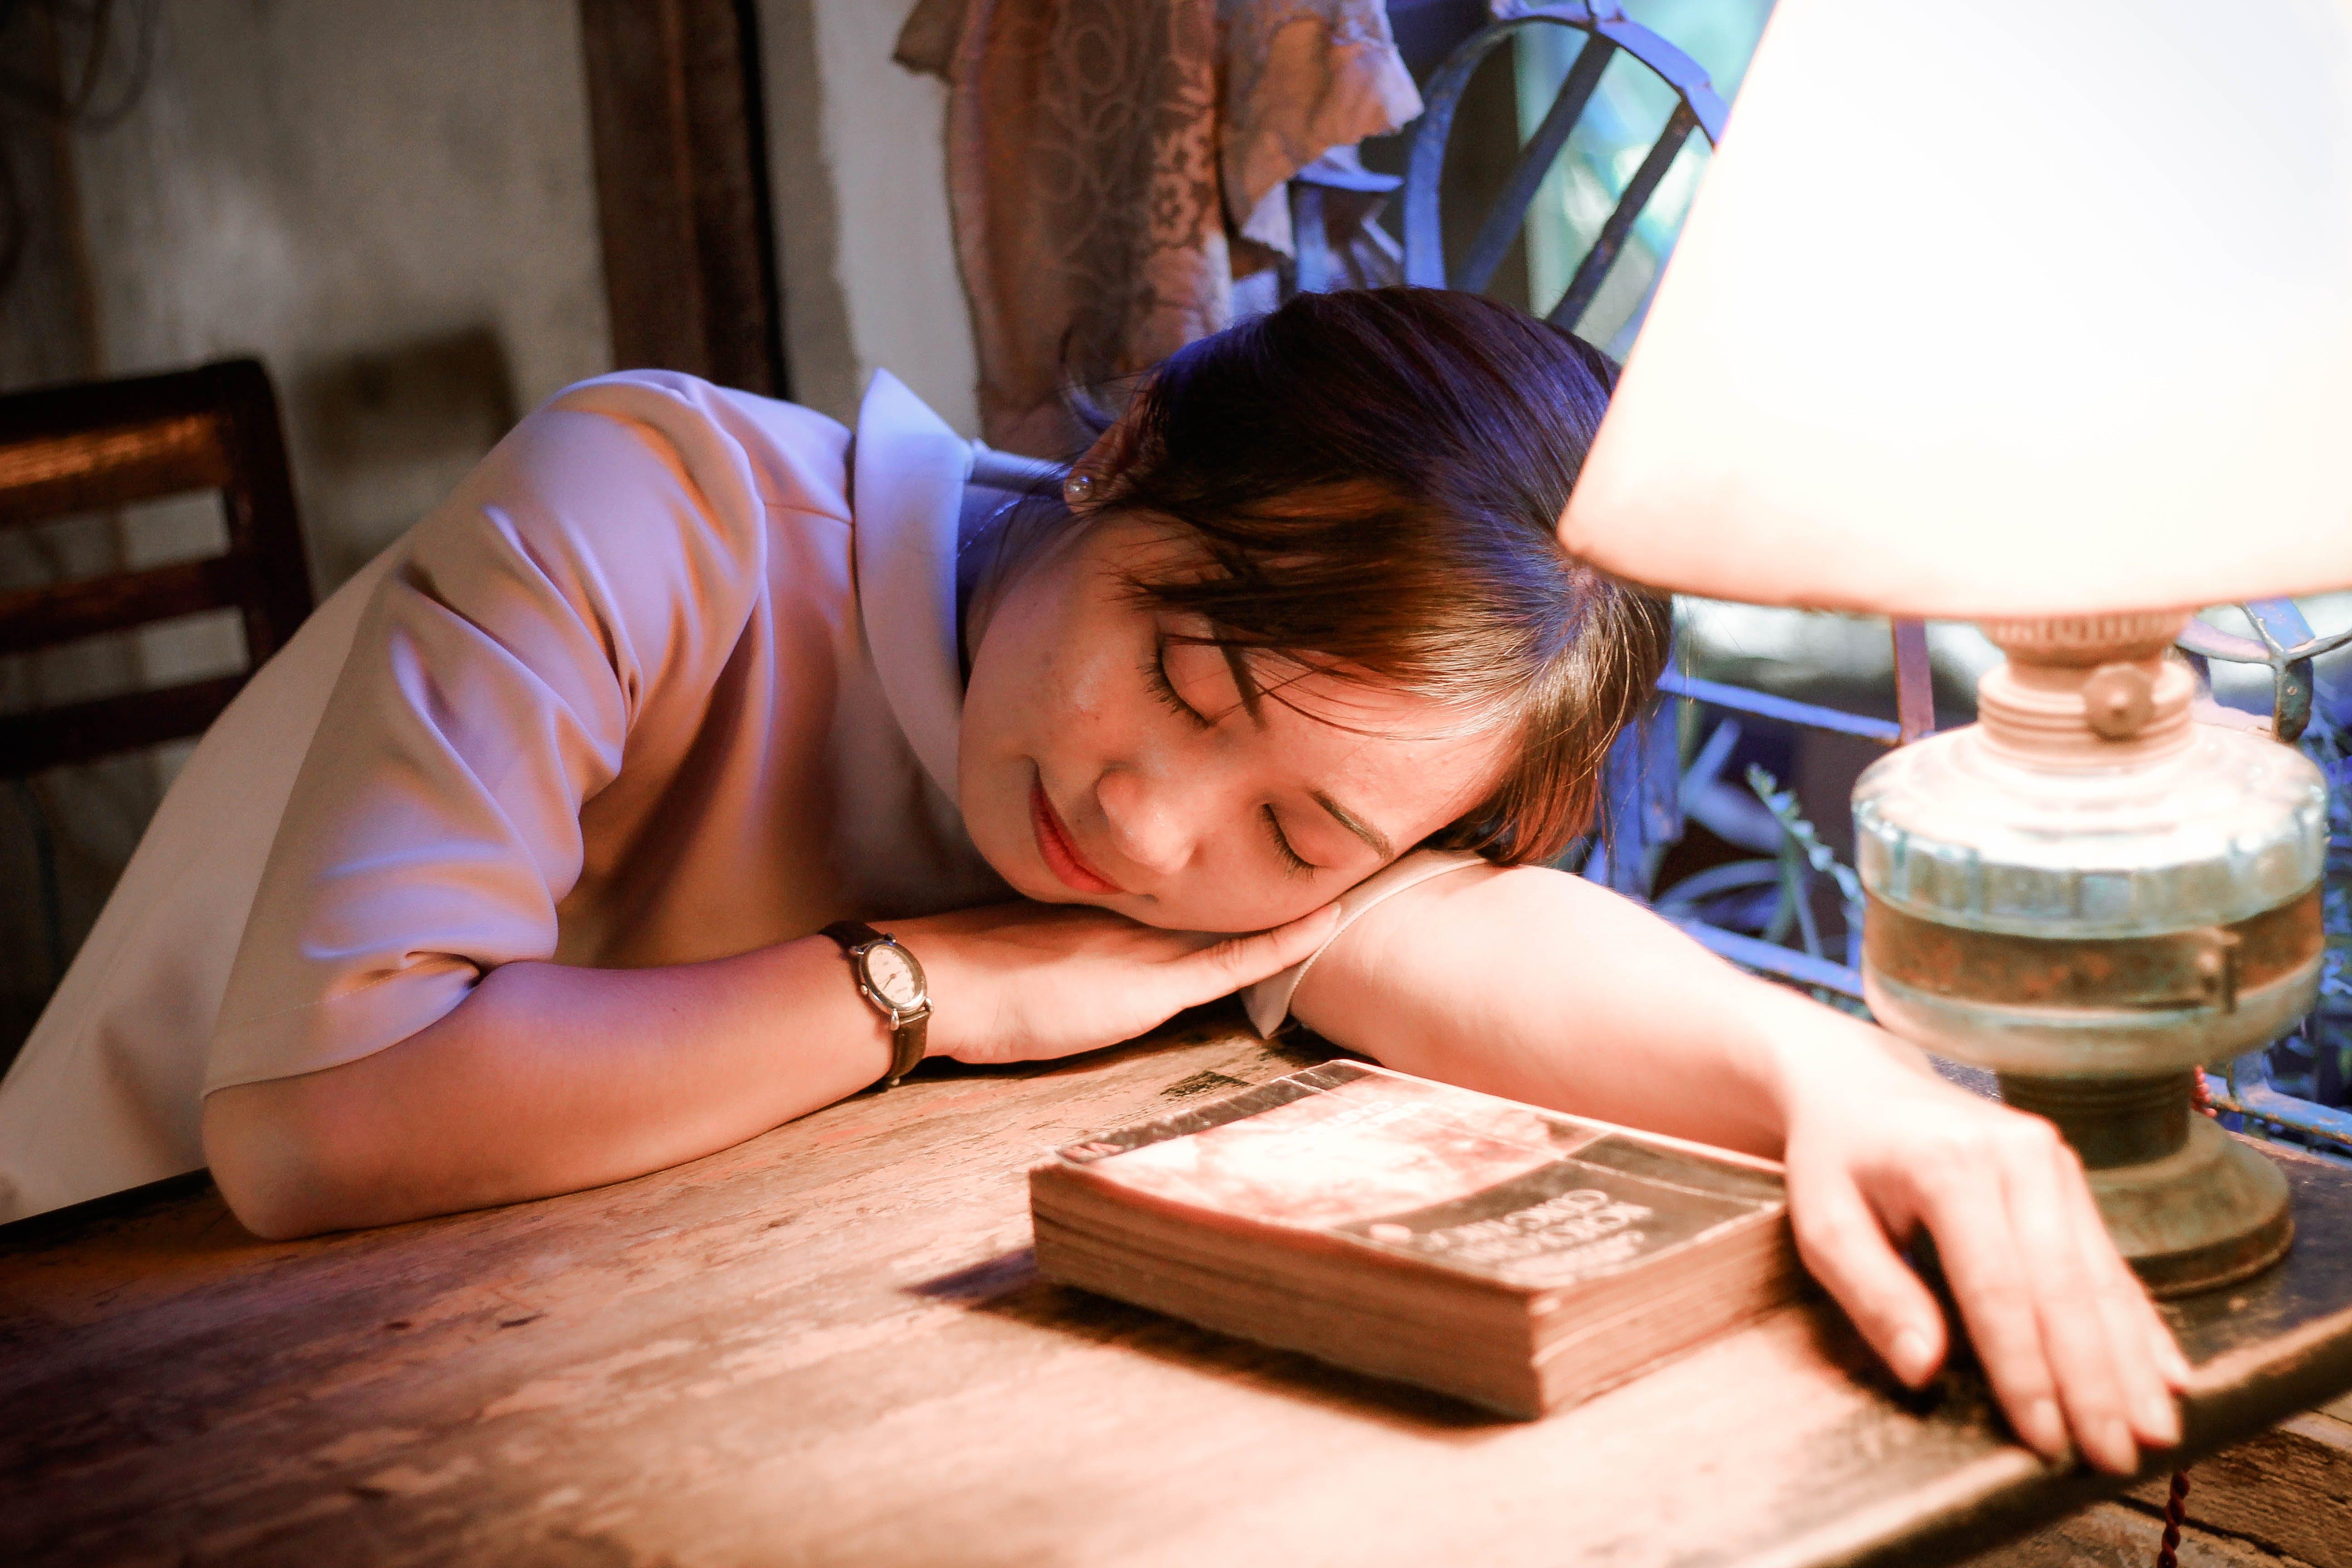 레크리에이션, 방, 소녀, 수면의 무료 스톡 사진